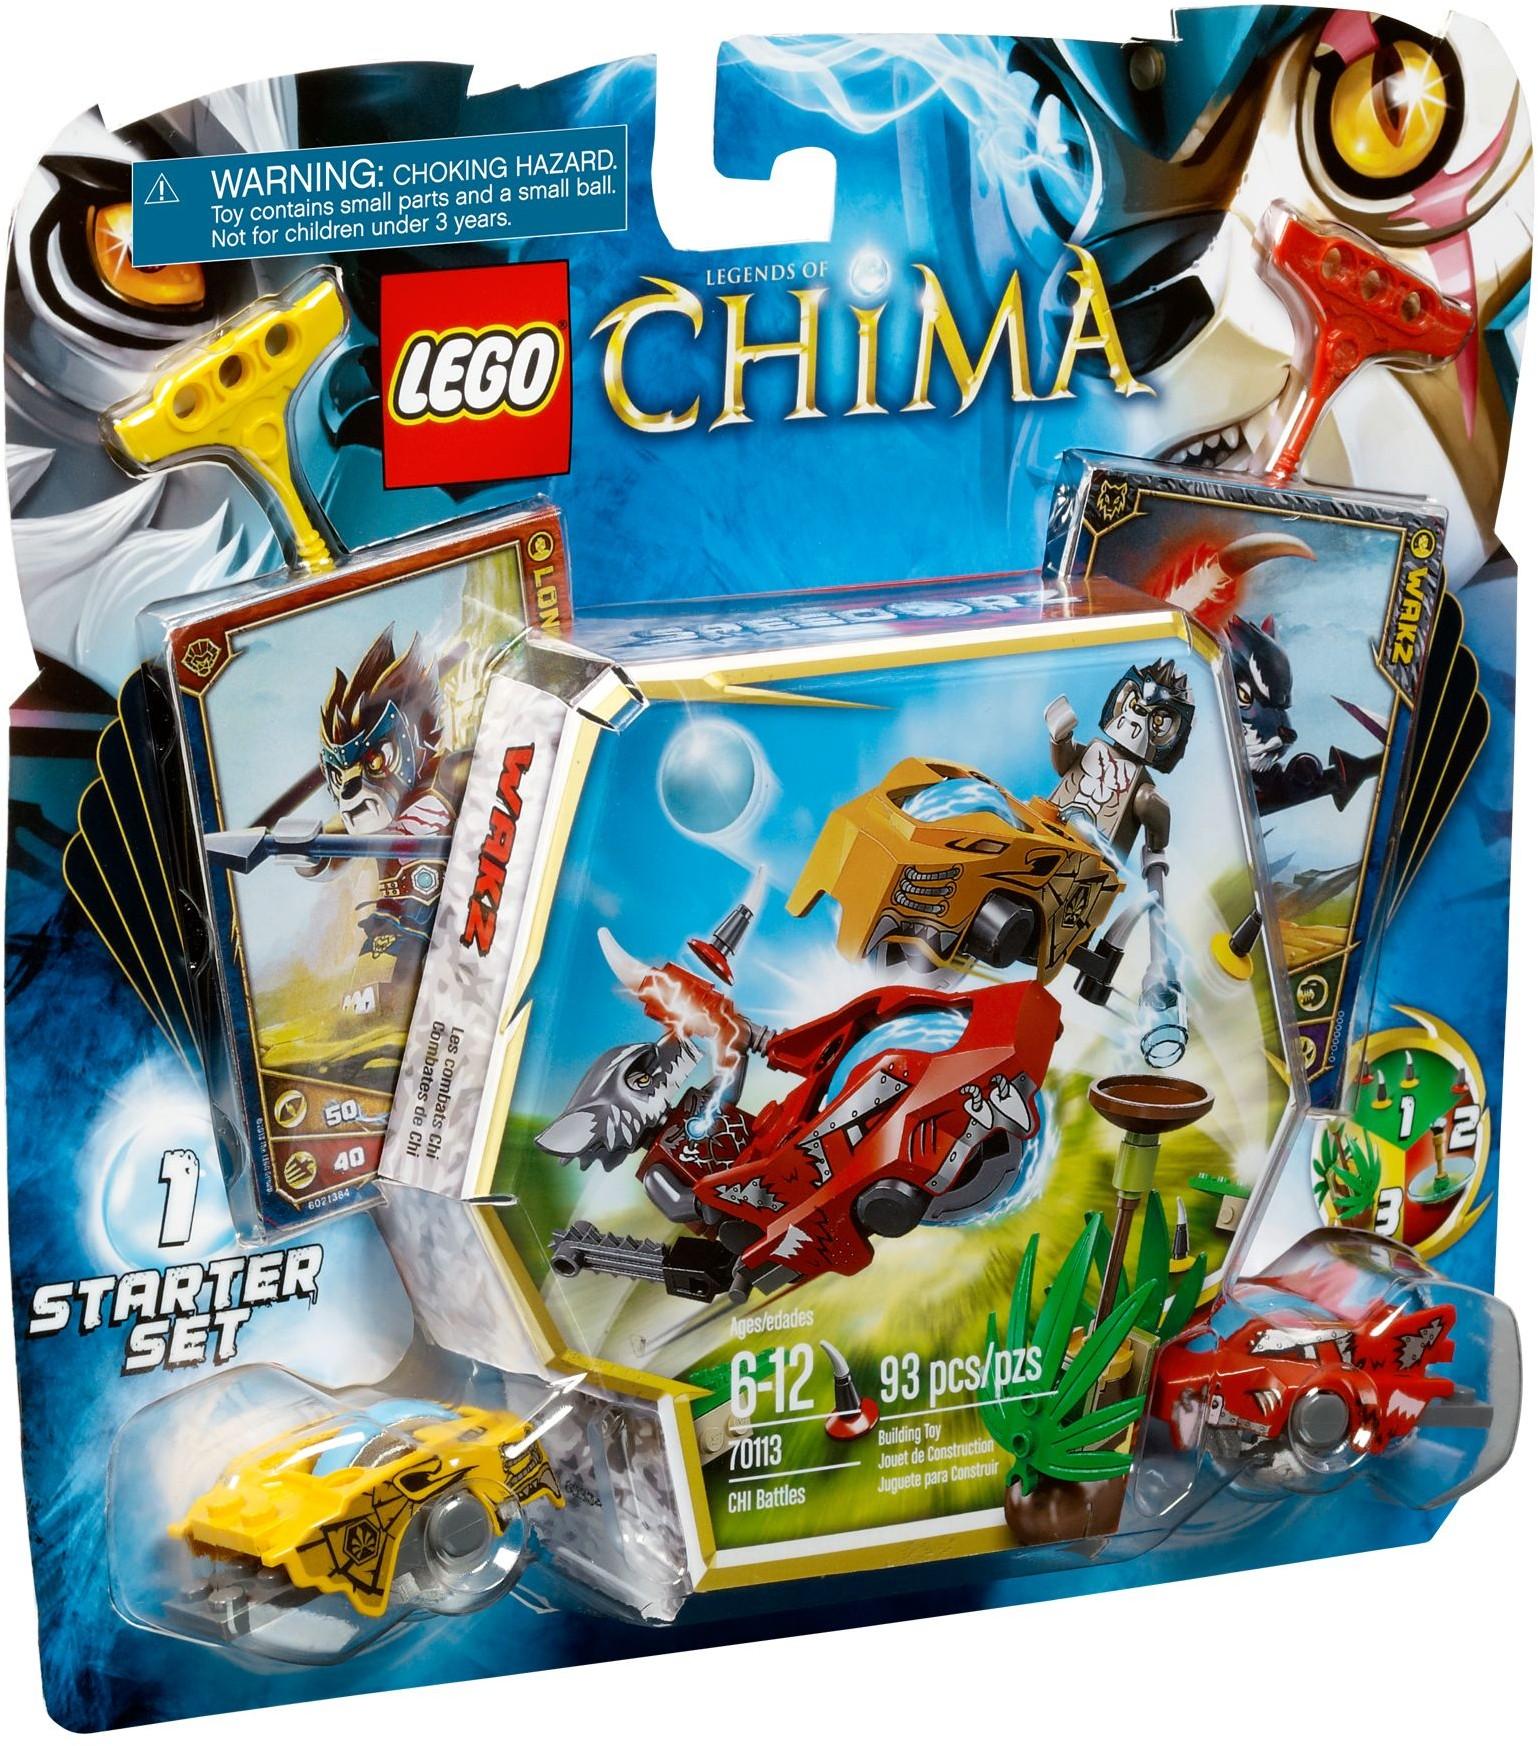 Lego chima 70113 pas cher duel pour le chi - Image de lego chima ...